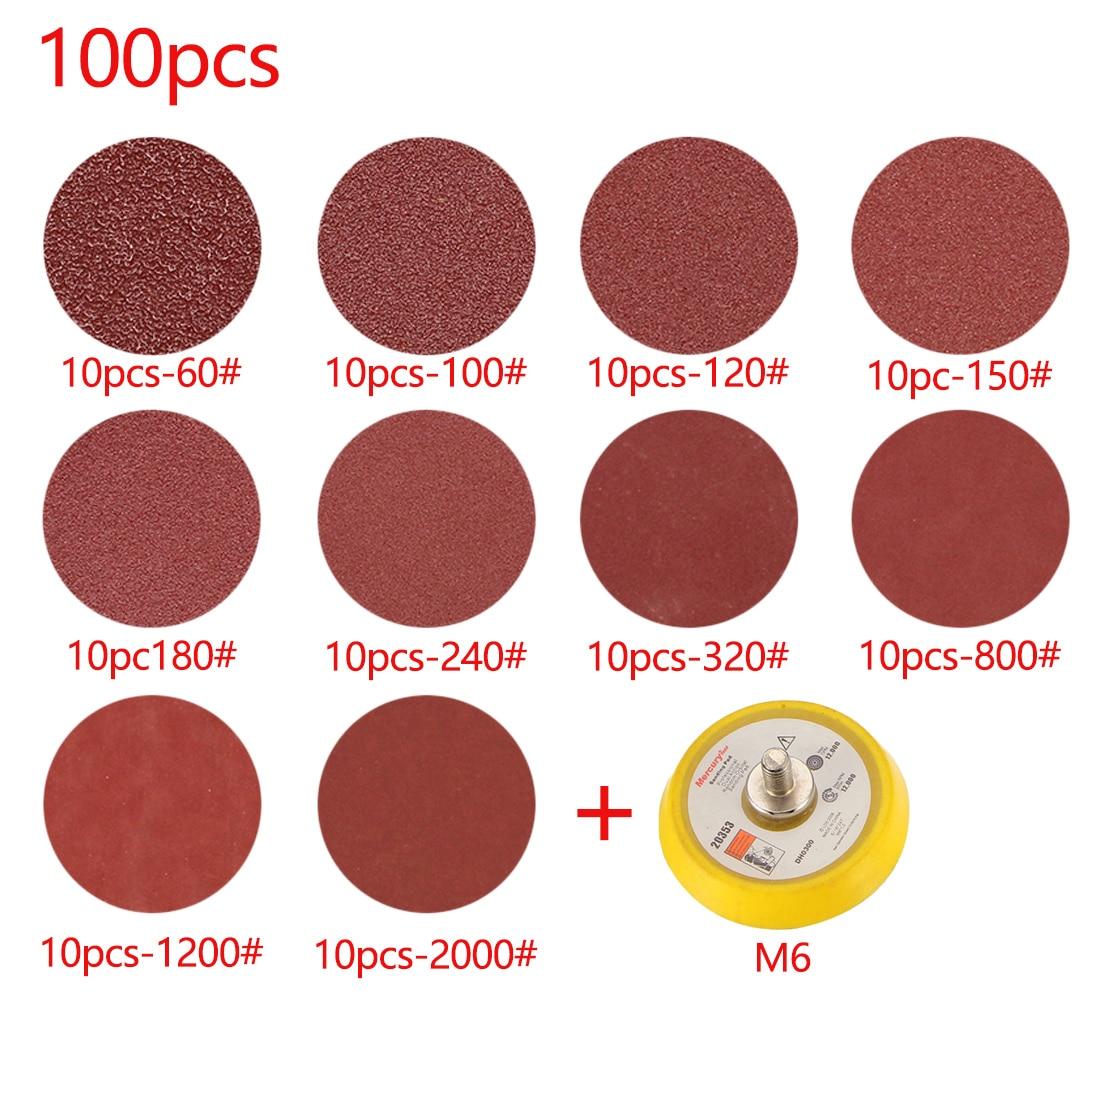 """100pcs 60-2000# 2/"""" Hook Loop Sandpaper with Sanding Pad 3mm Shank"""